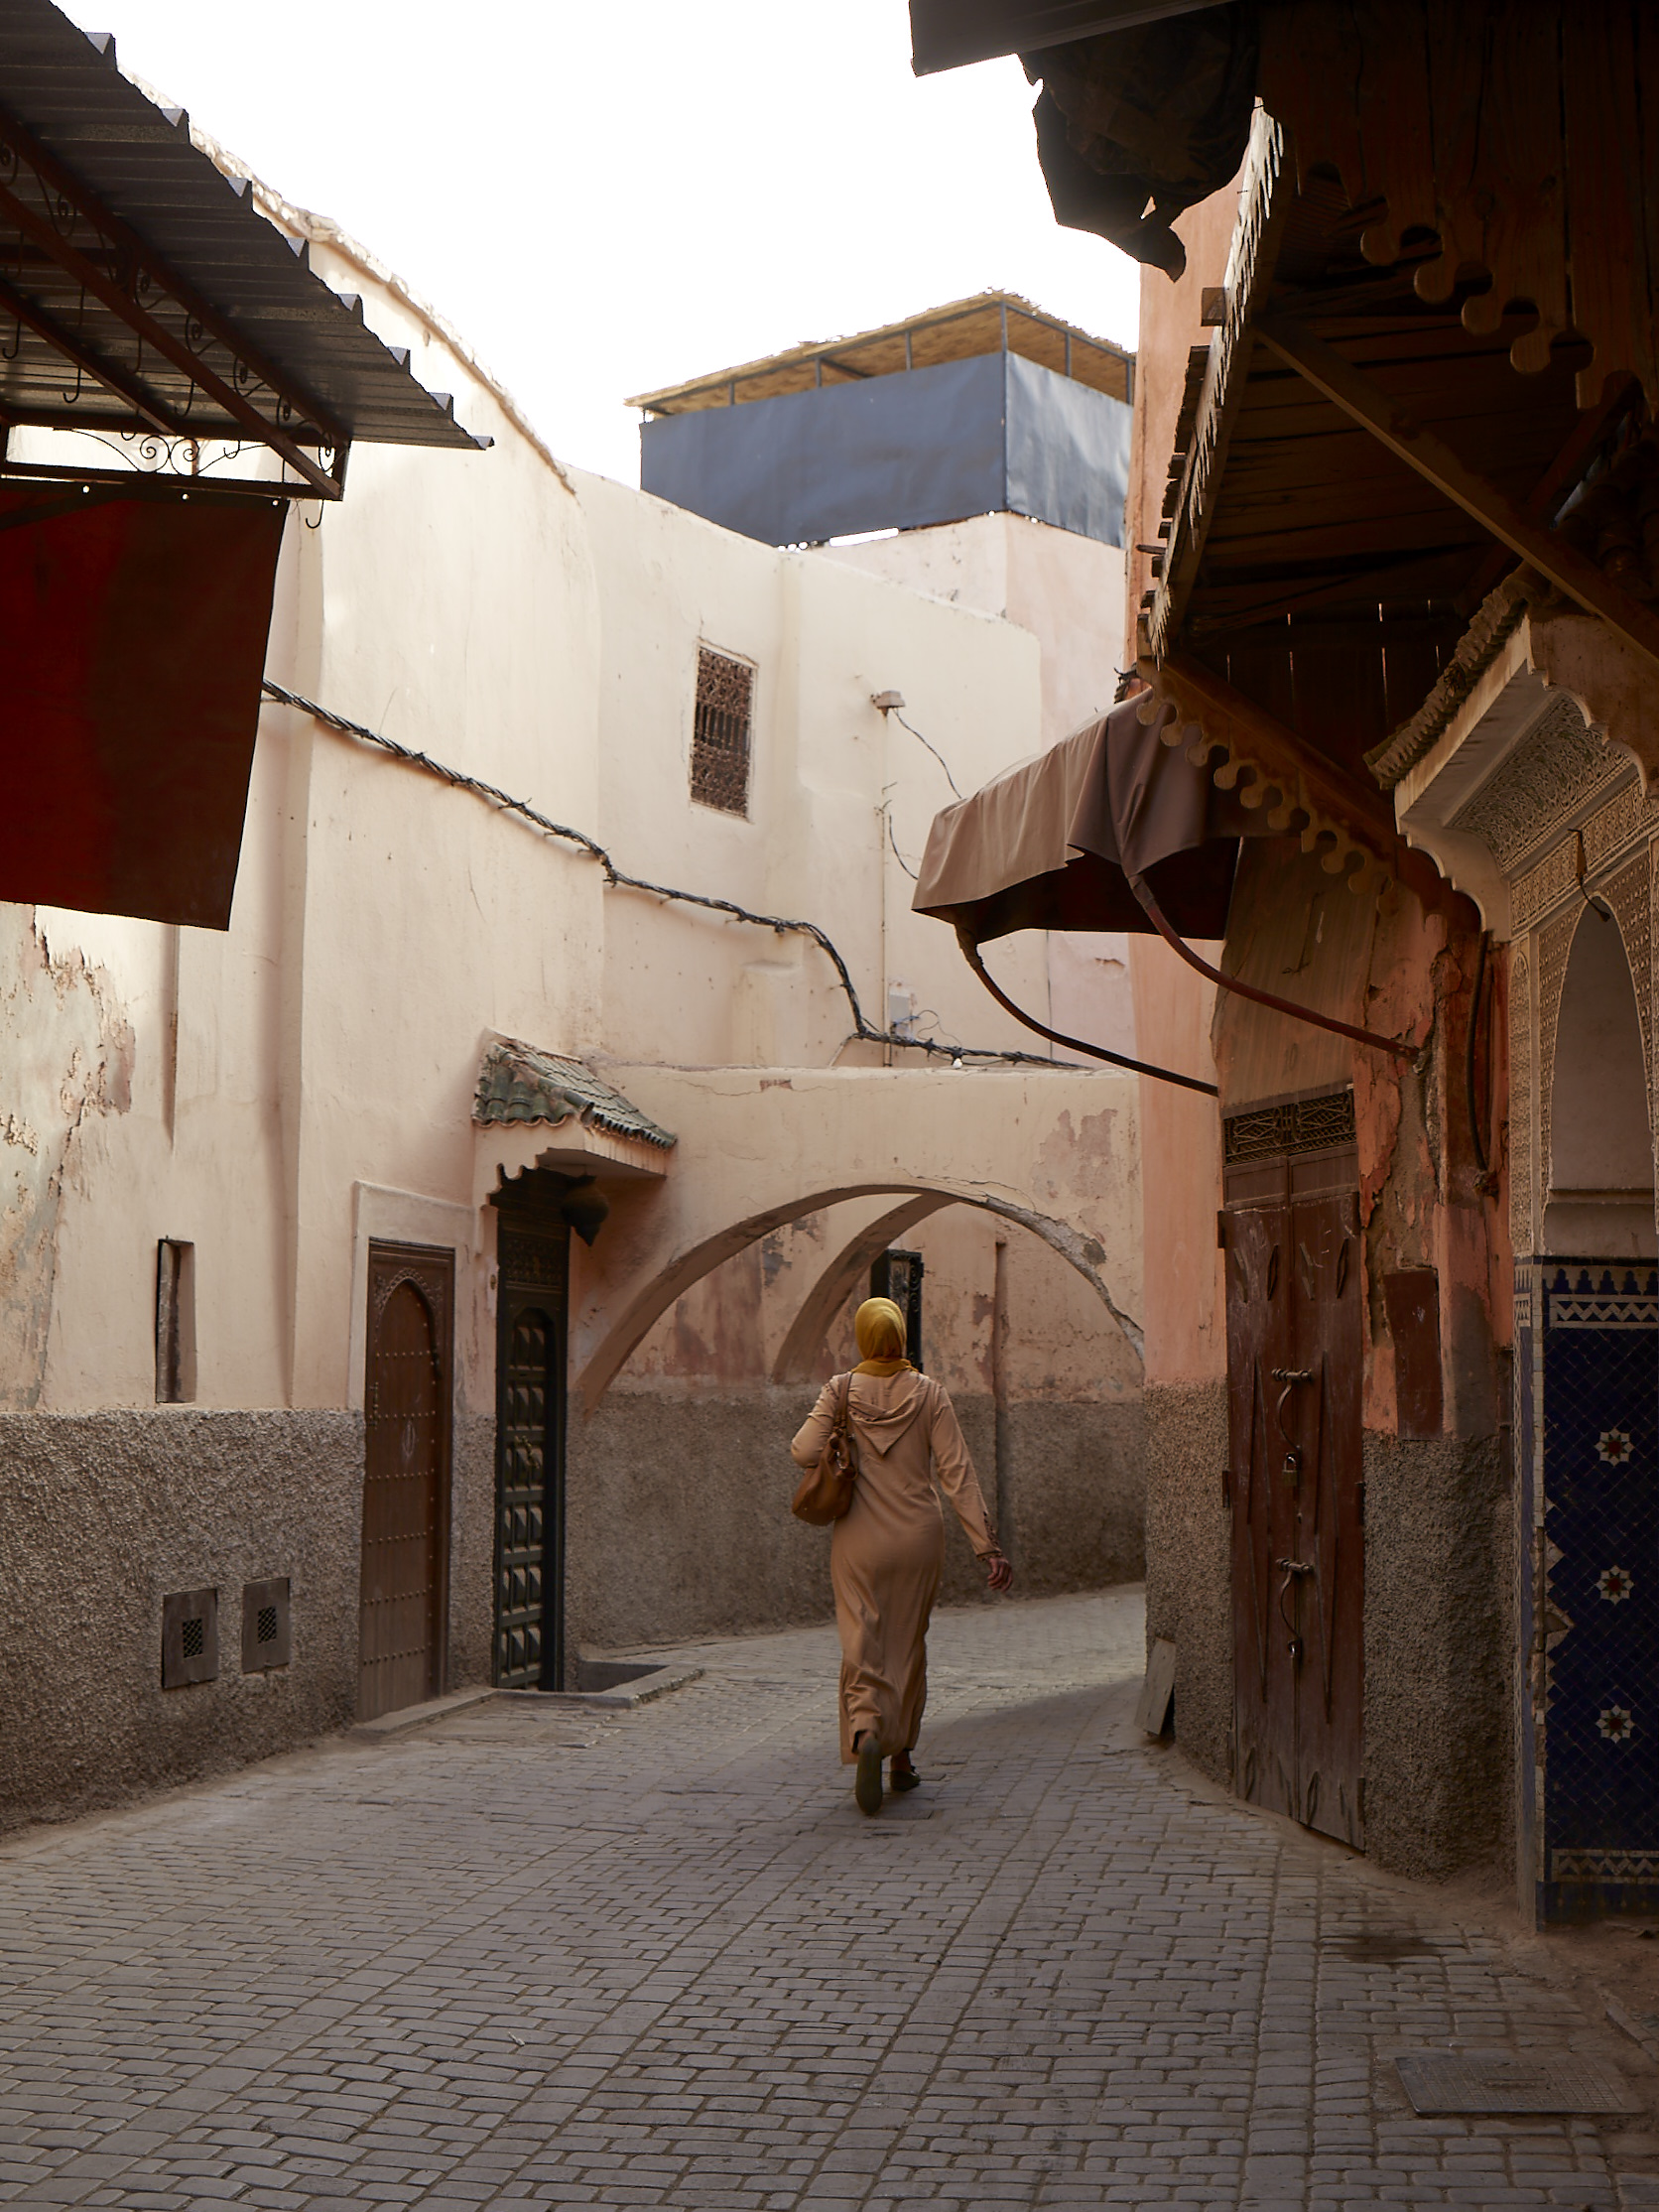 180704_Eurowings_Marrakech_162.jpg